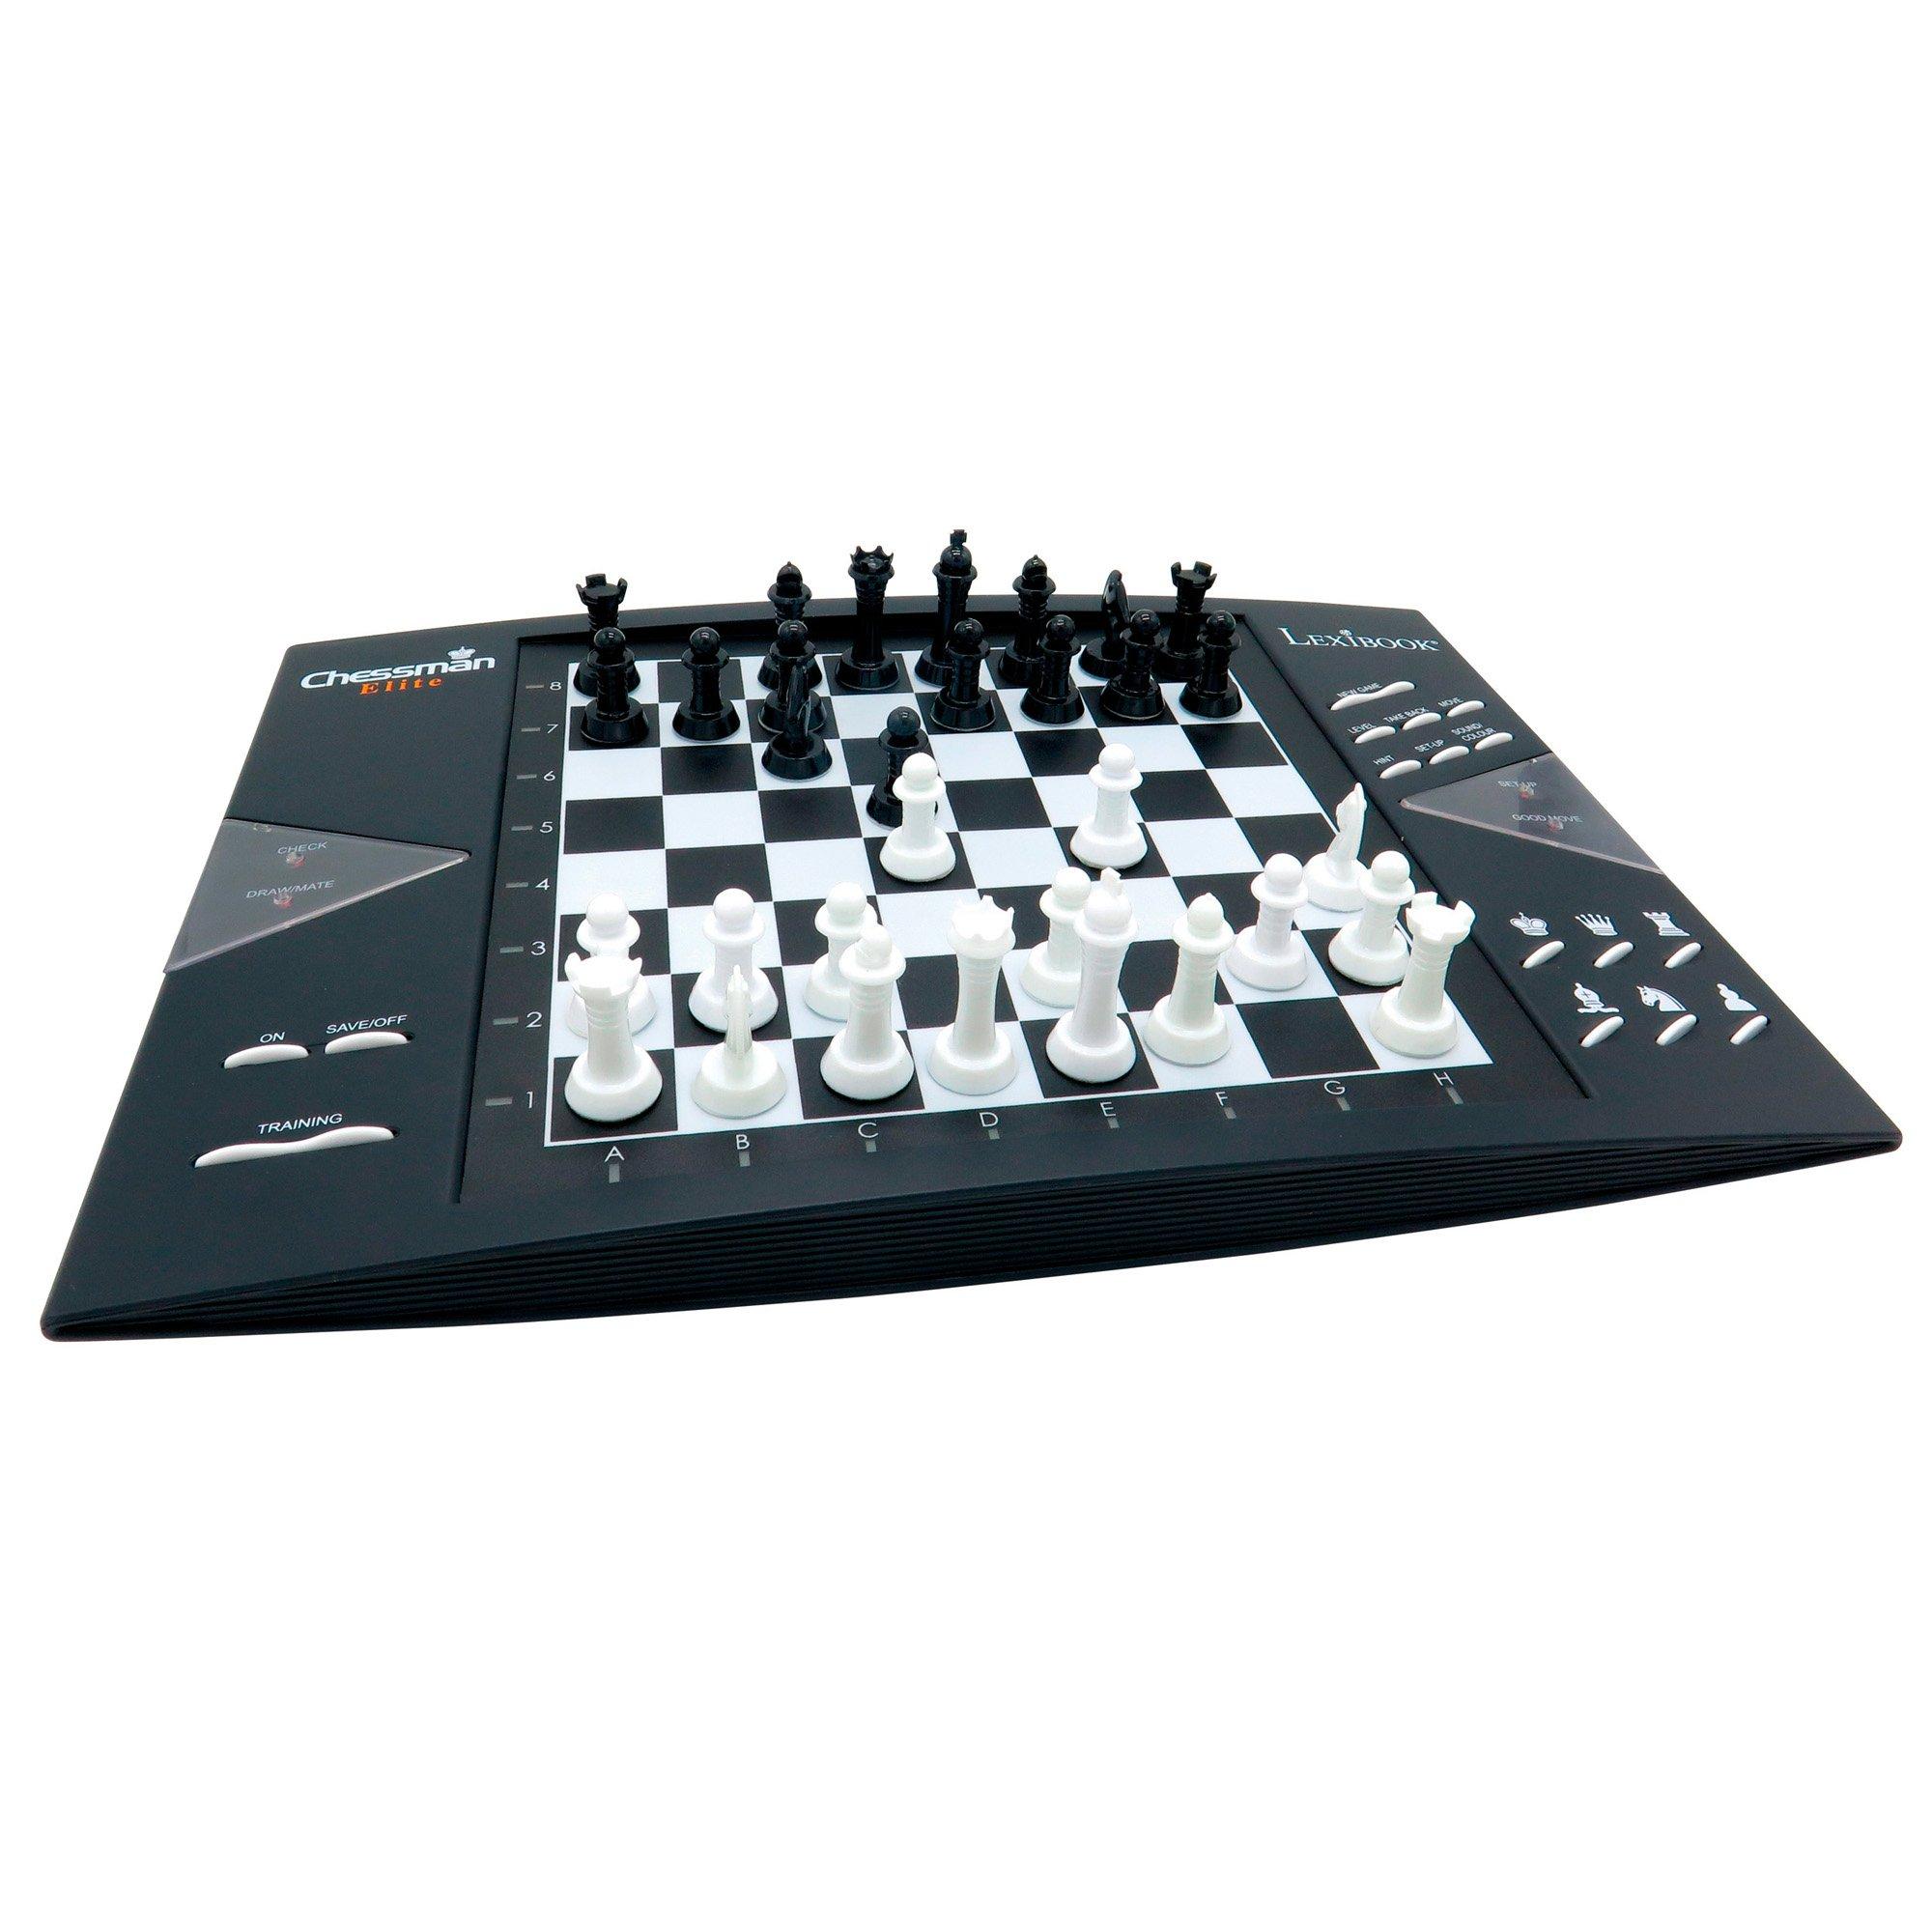 Chessman Elite - Electronic Chess Game (70092)